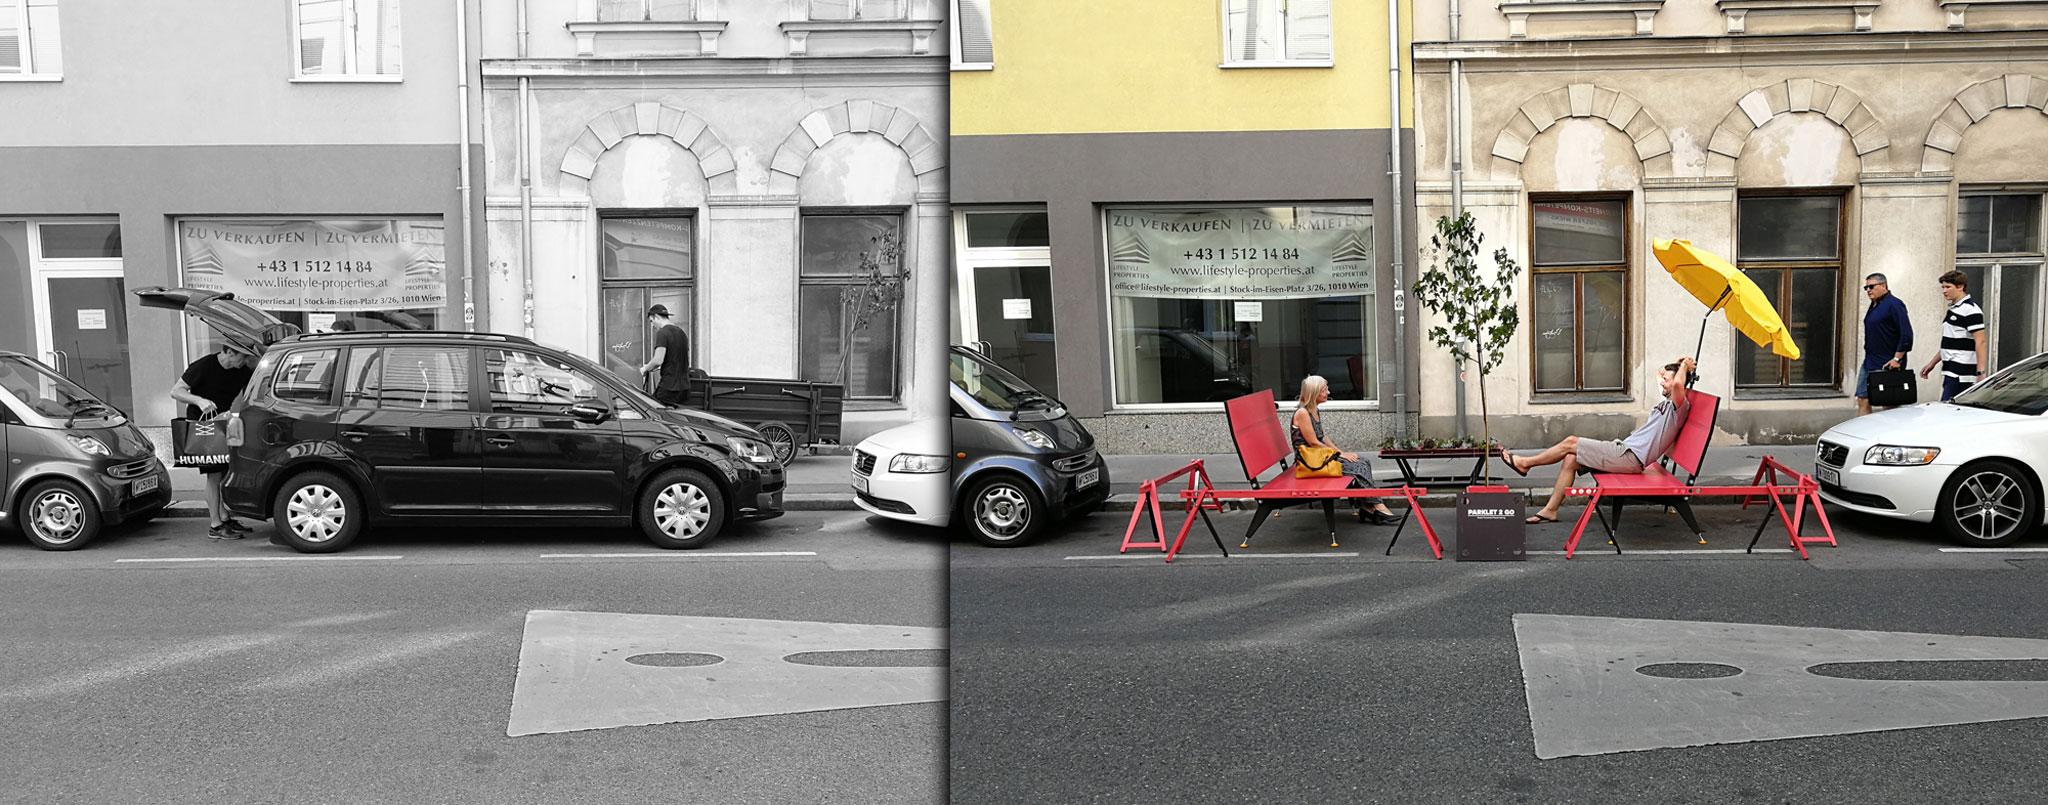 STC_Parklet2Go_action-2_C_Florian-Lorenz